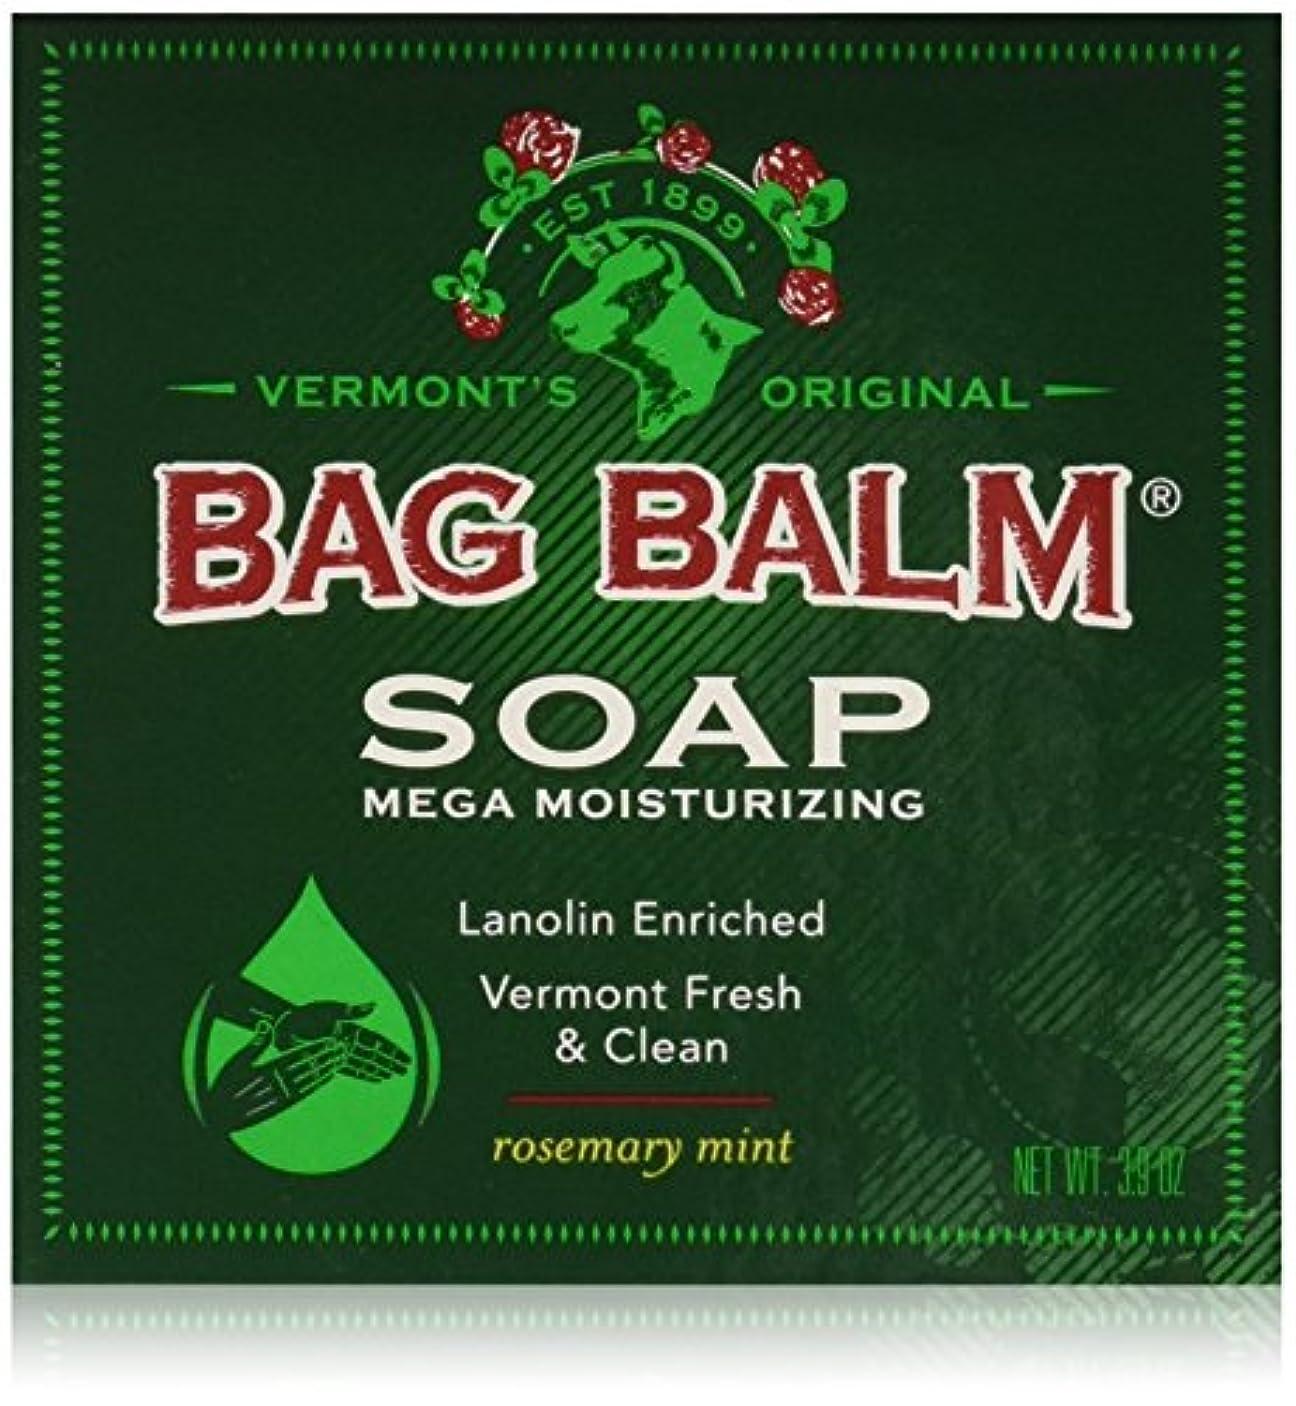 ふつうメダルポータブルバッグバームの新作 メガモイスチャライジングソープ 3.9オンス 乾燥したお肌にモイスチャライズ石鹸